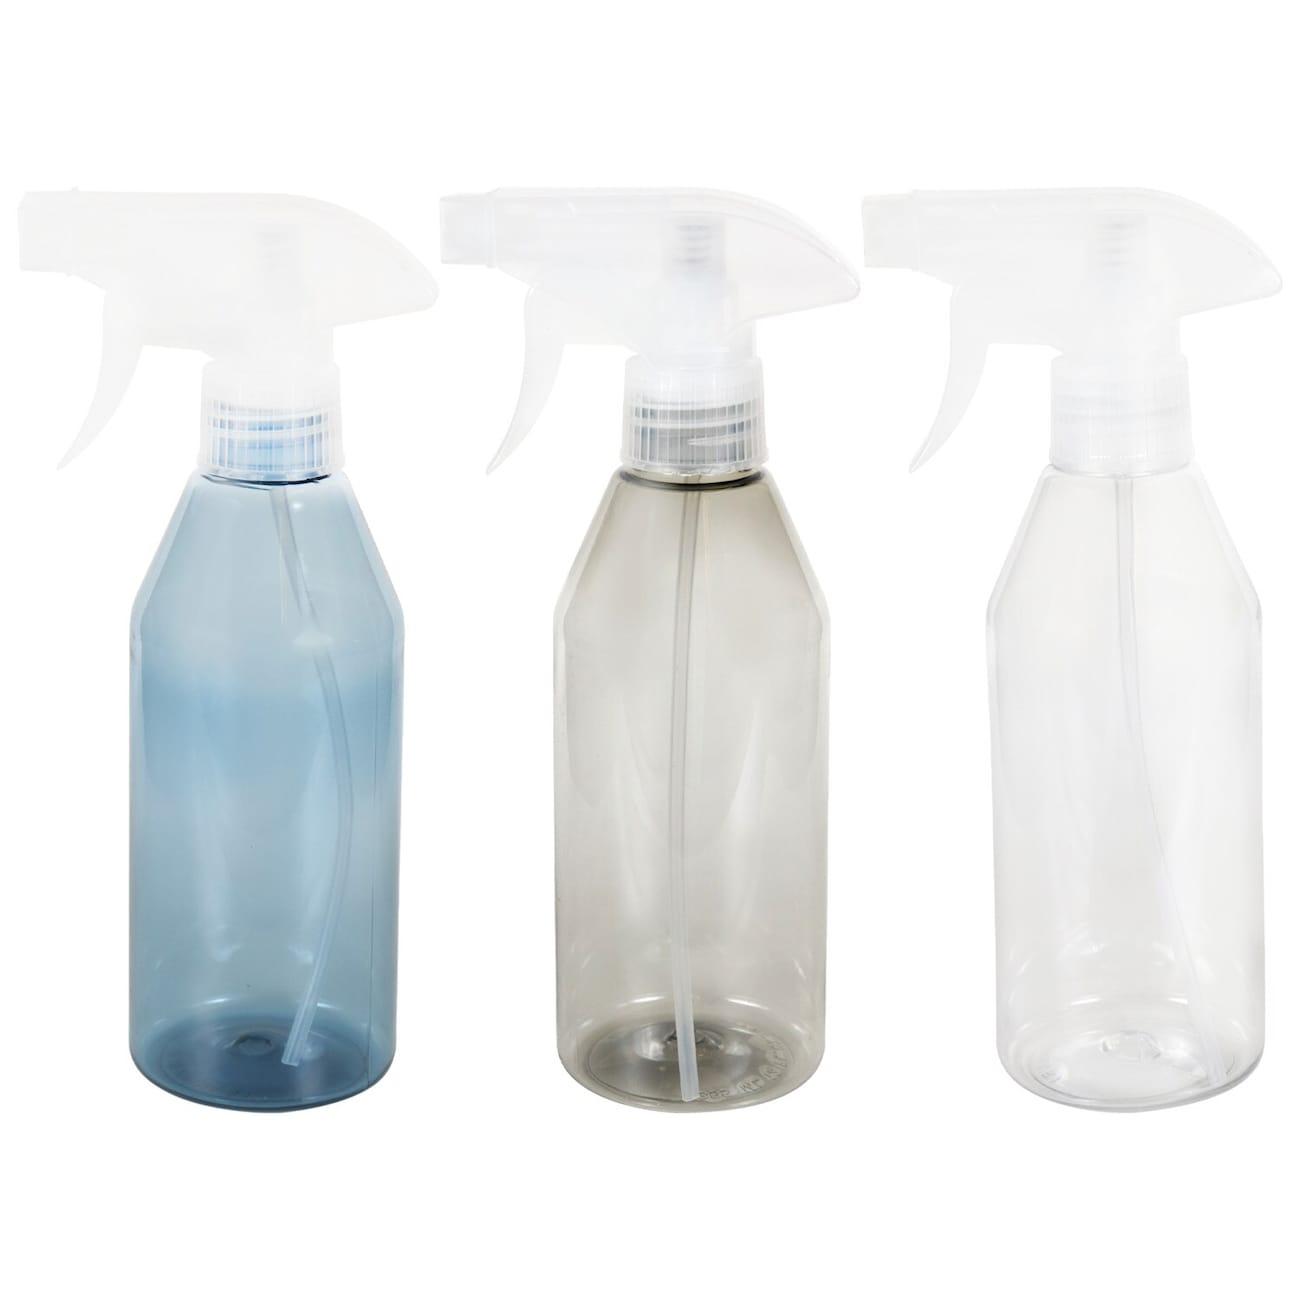 Spray Bottle - Dollar Tree, Inc.